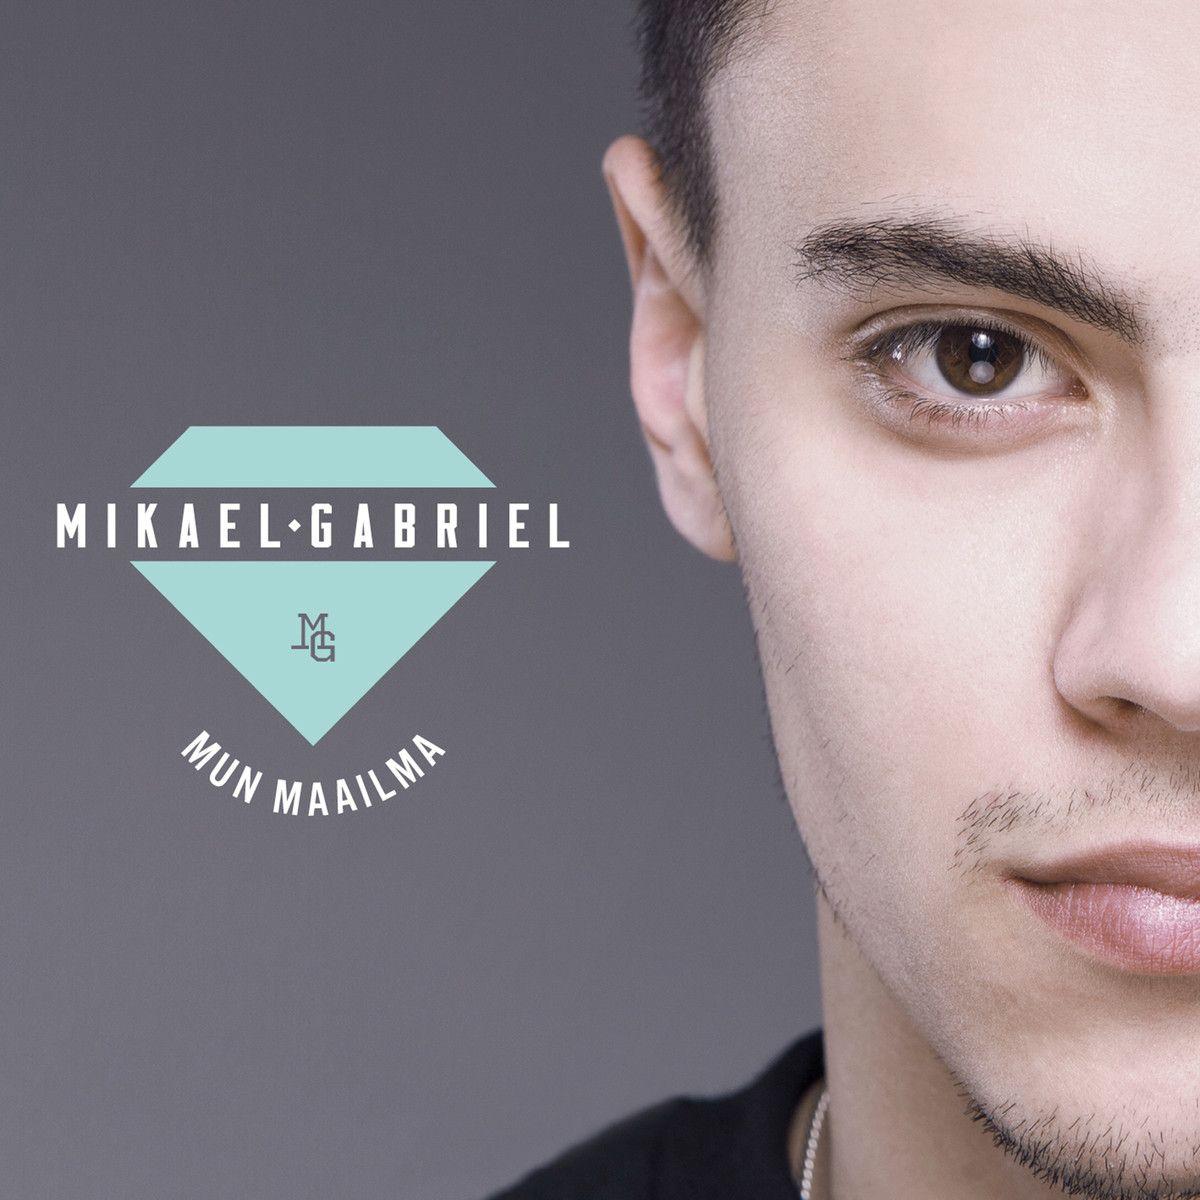 Mikael Gabriel - Mun Maailma album cover